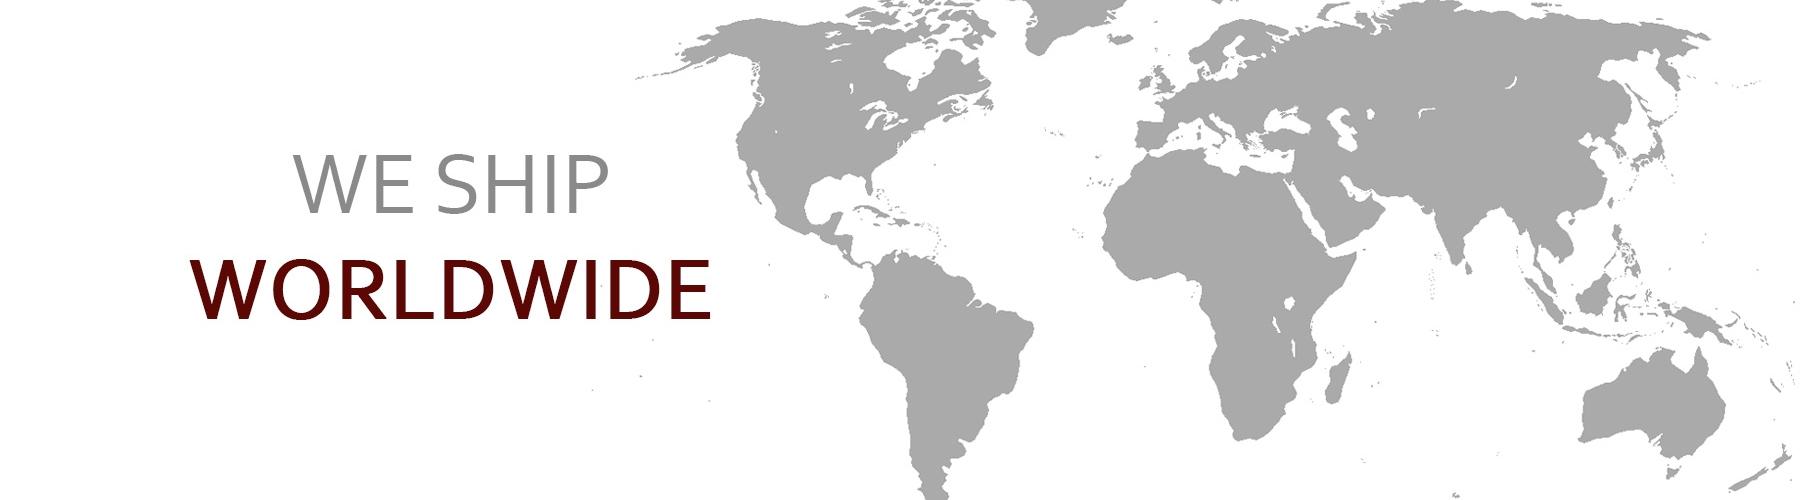 Pythagorean Cup - Worldwide shipping